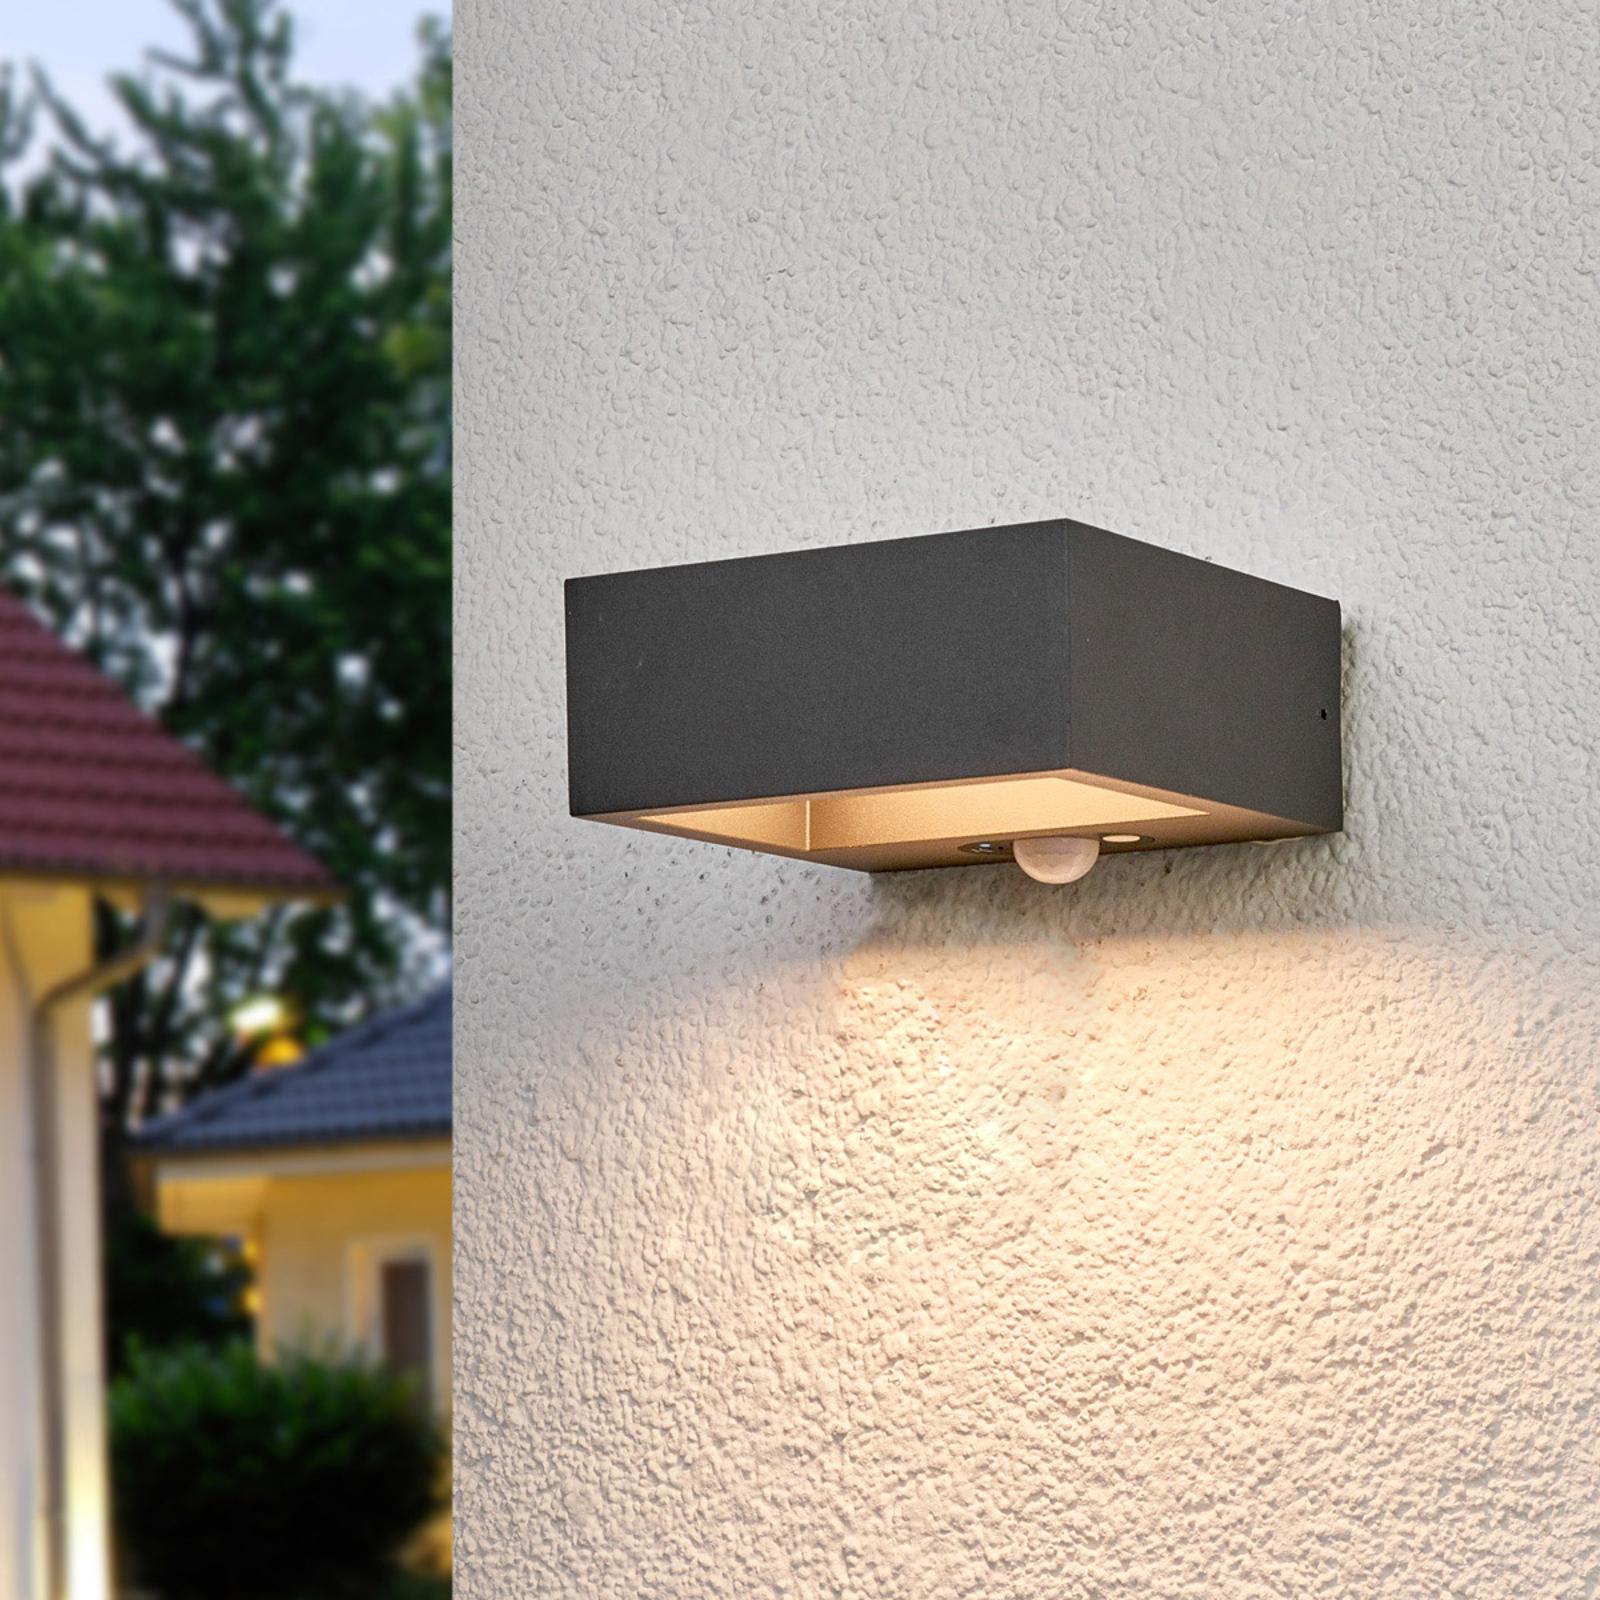 LED-utevegglampe Mahra med sensor, solcelle